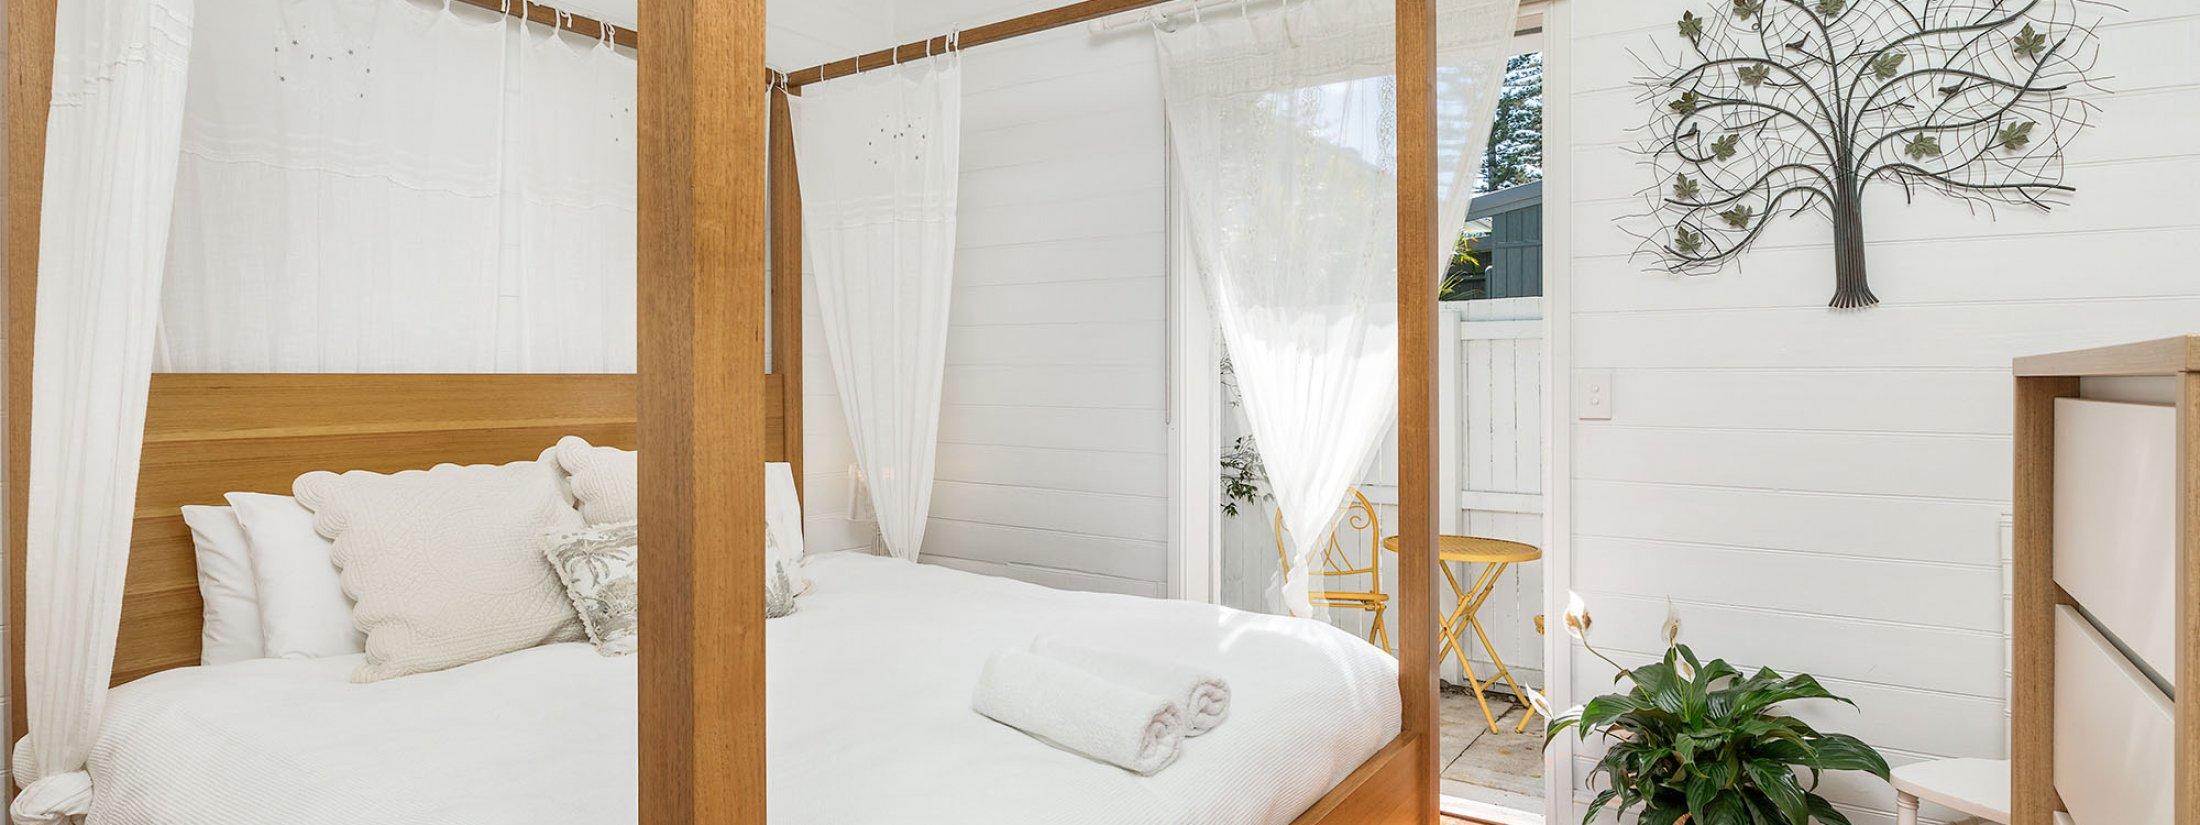 Aaloka Bay - Byron Bay - Bedroom 3